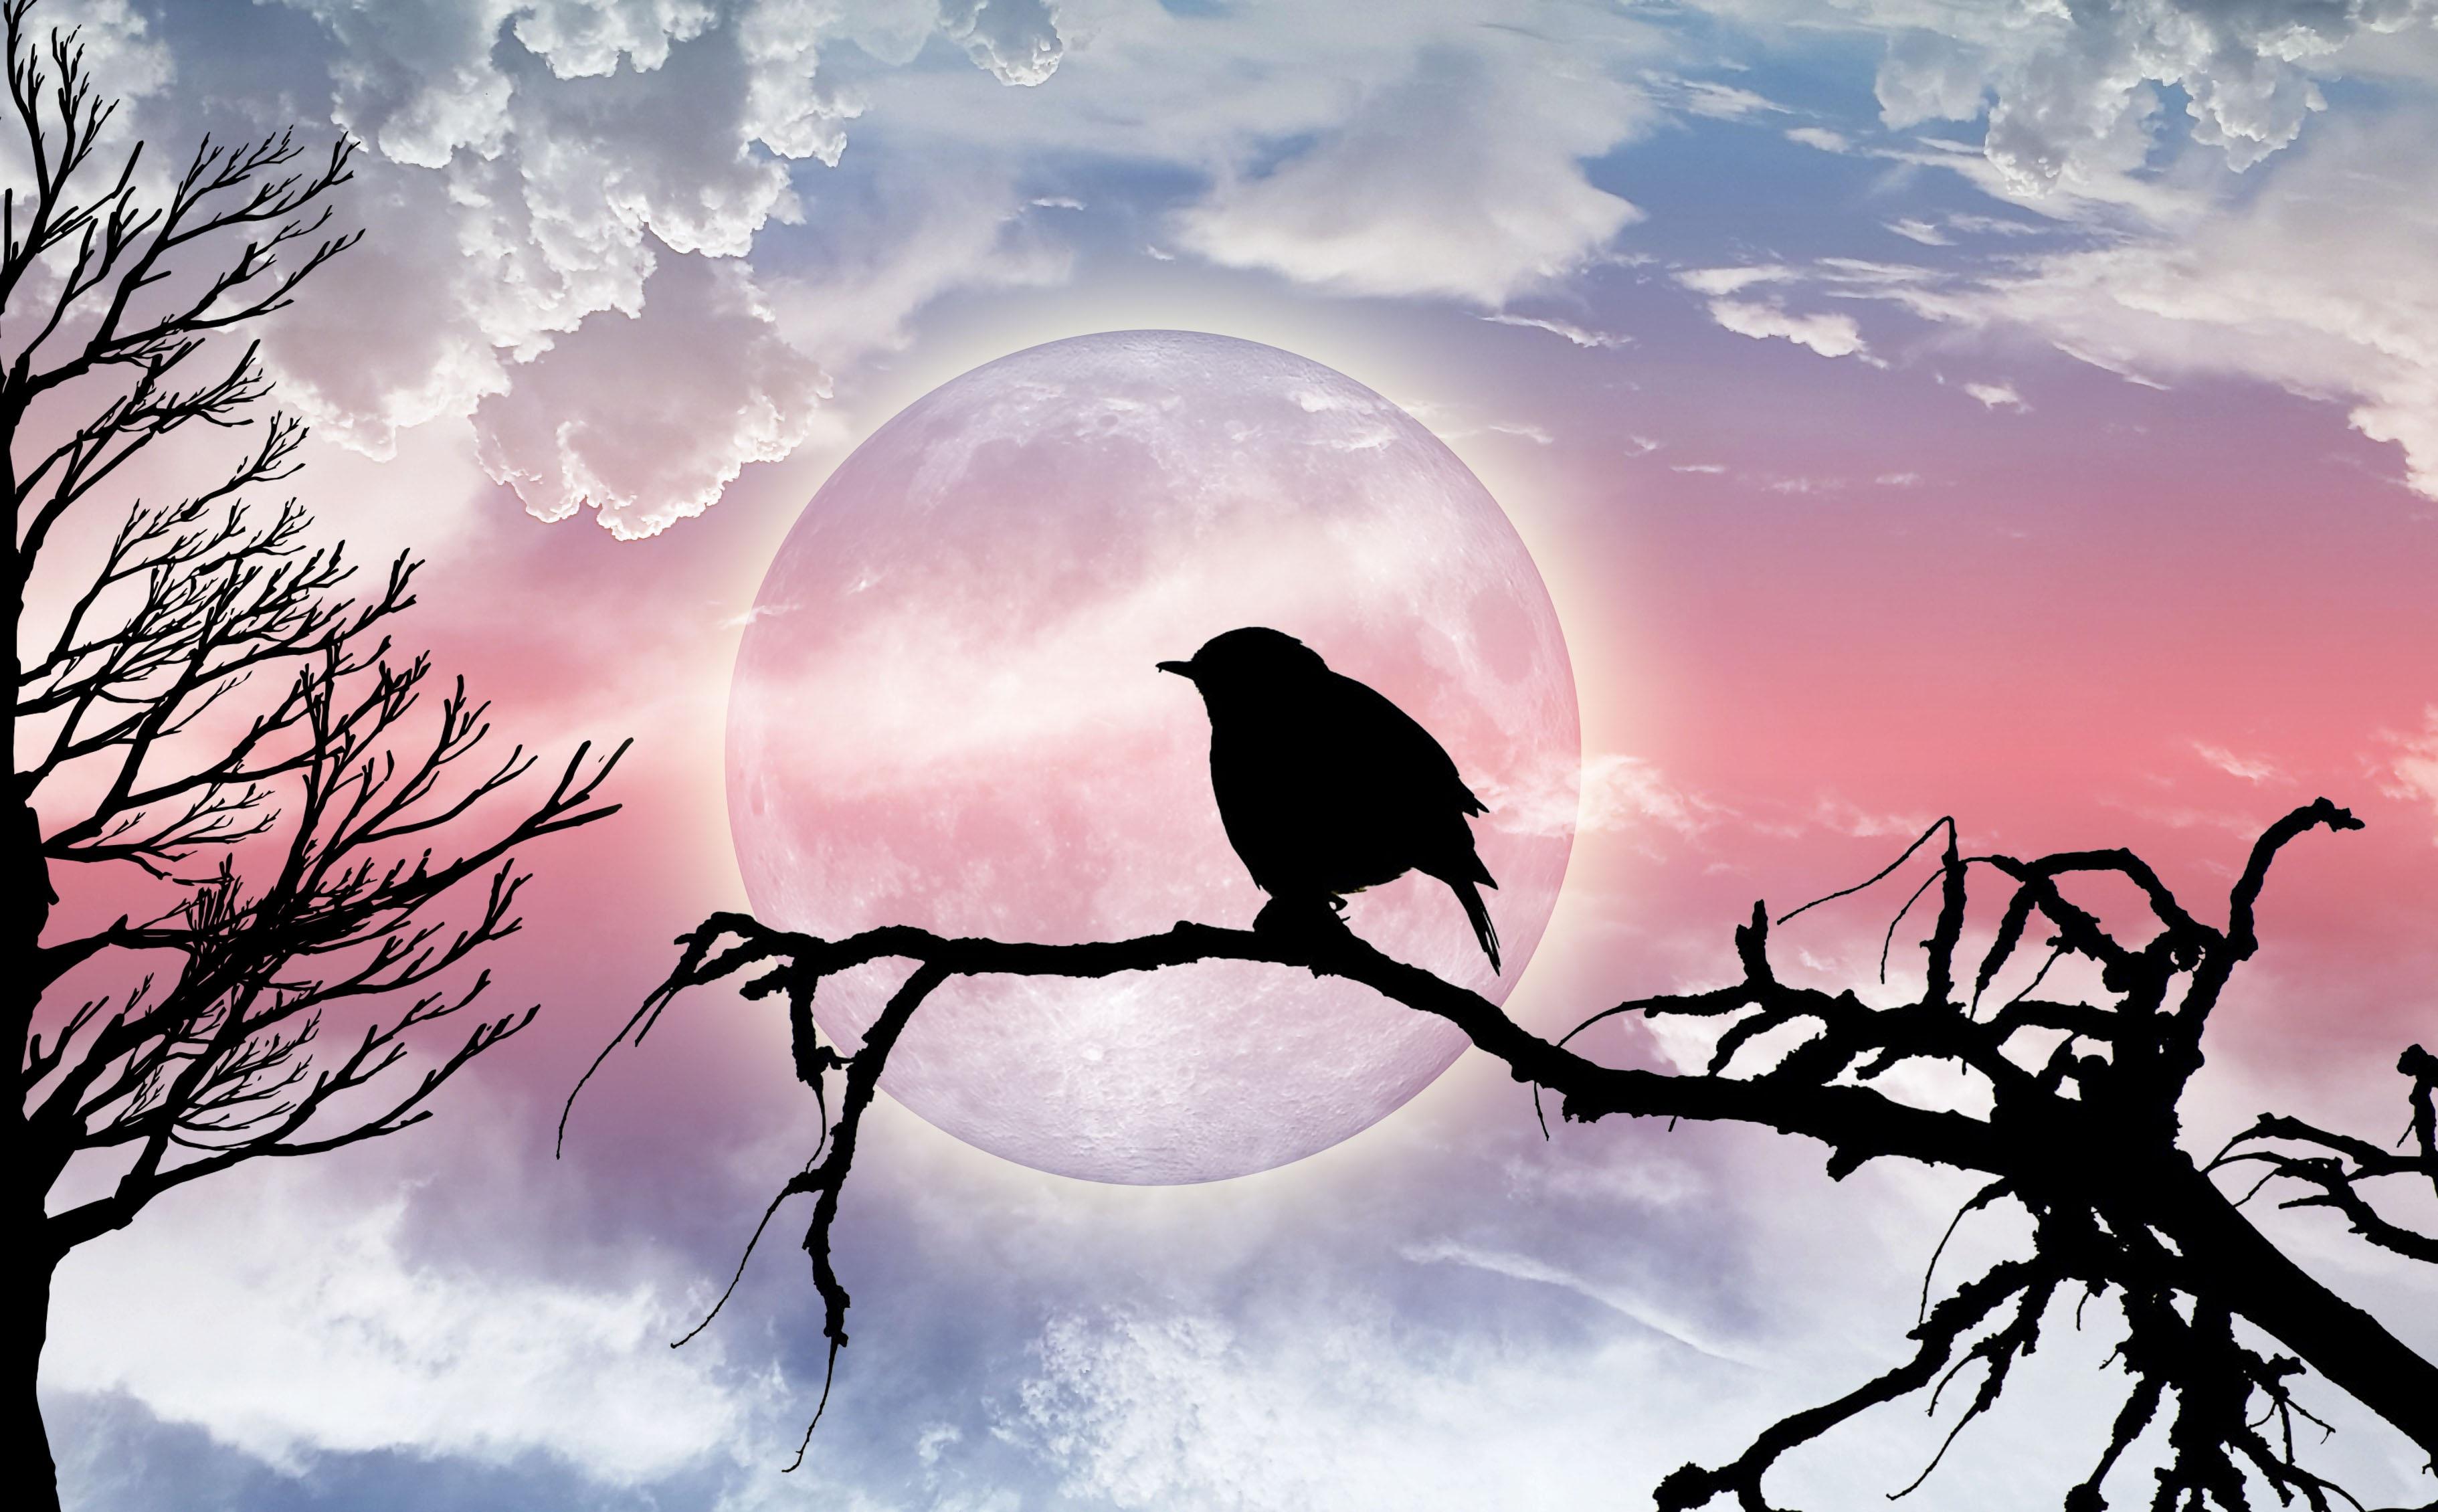 Картинка Птицы силуэты Луна ветвь птица Силуэт силуэта луны луной Ветки ветка на ветке